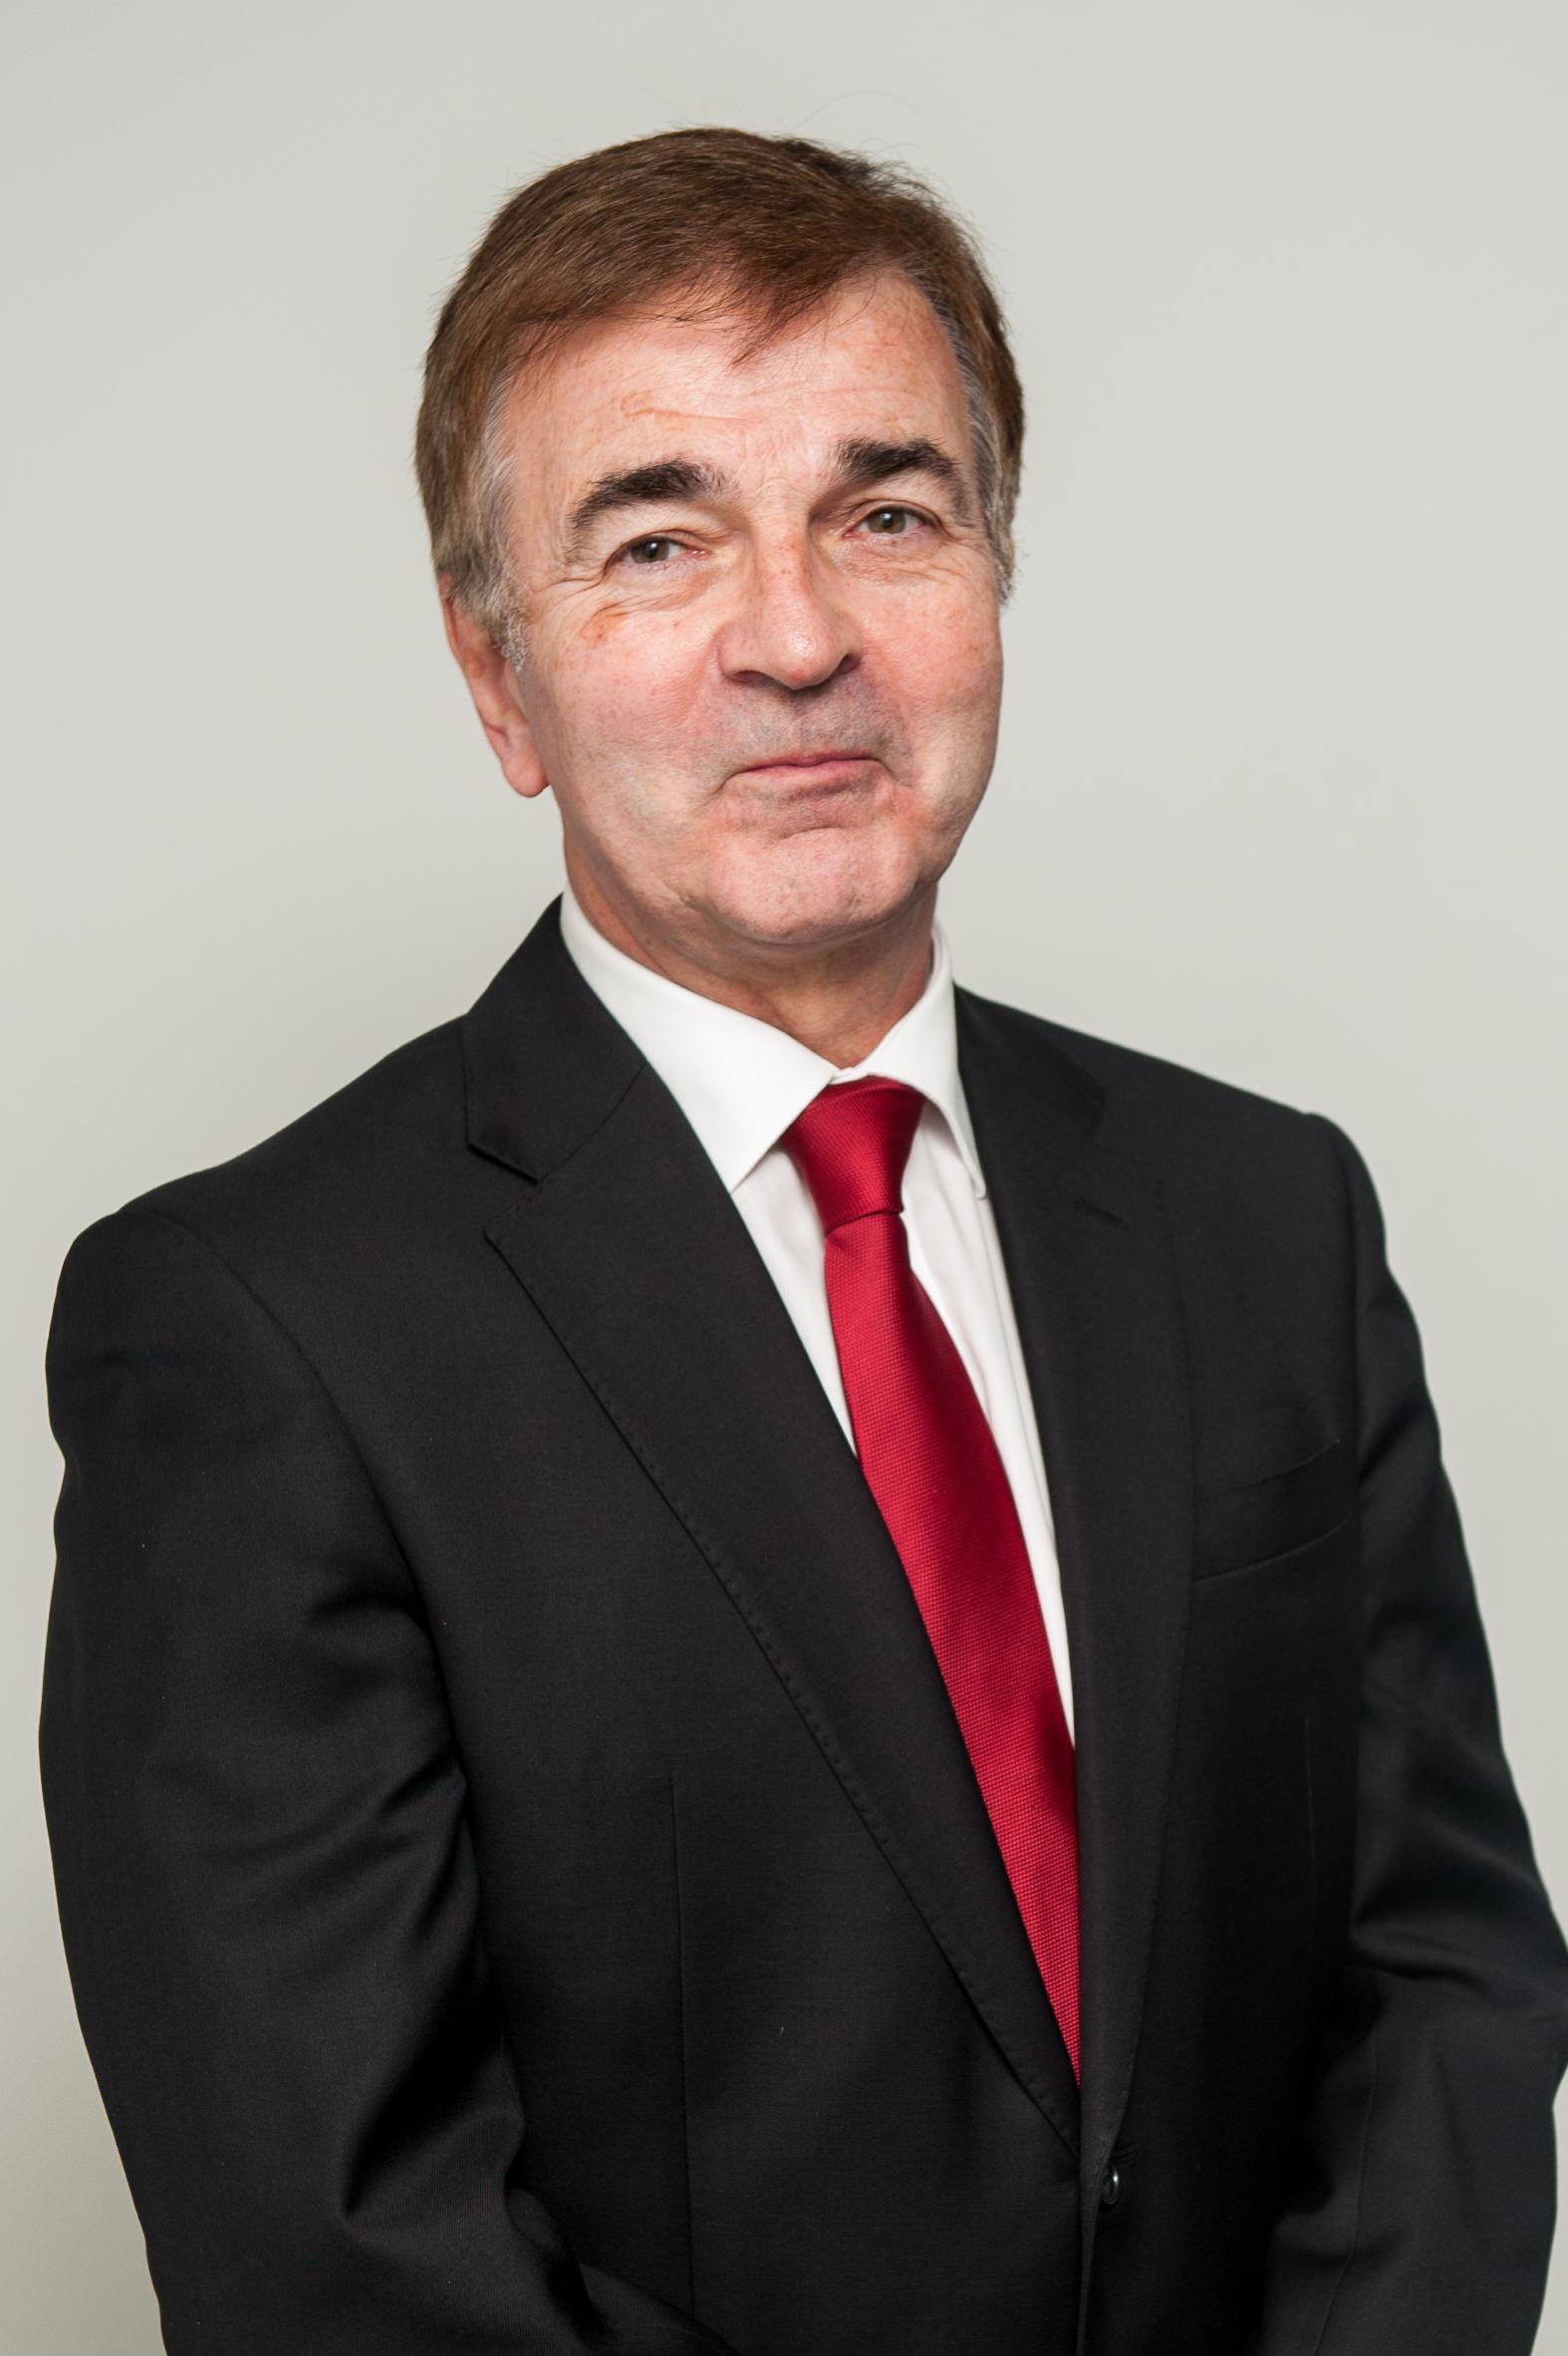 Solicitors profile photos in Essex